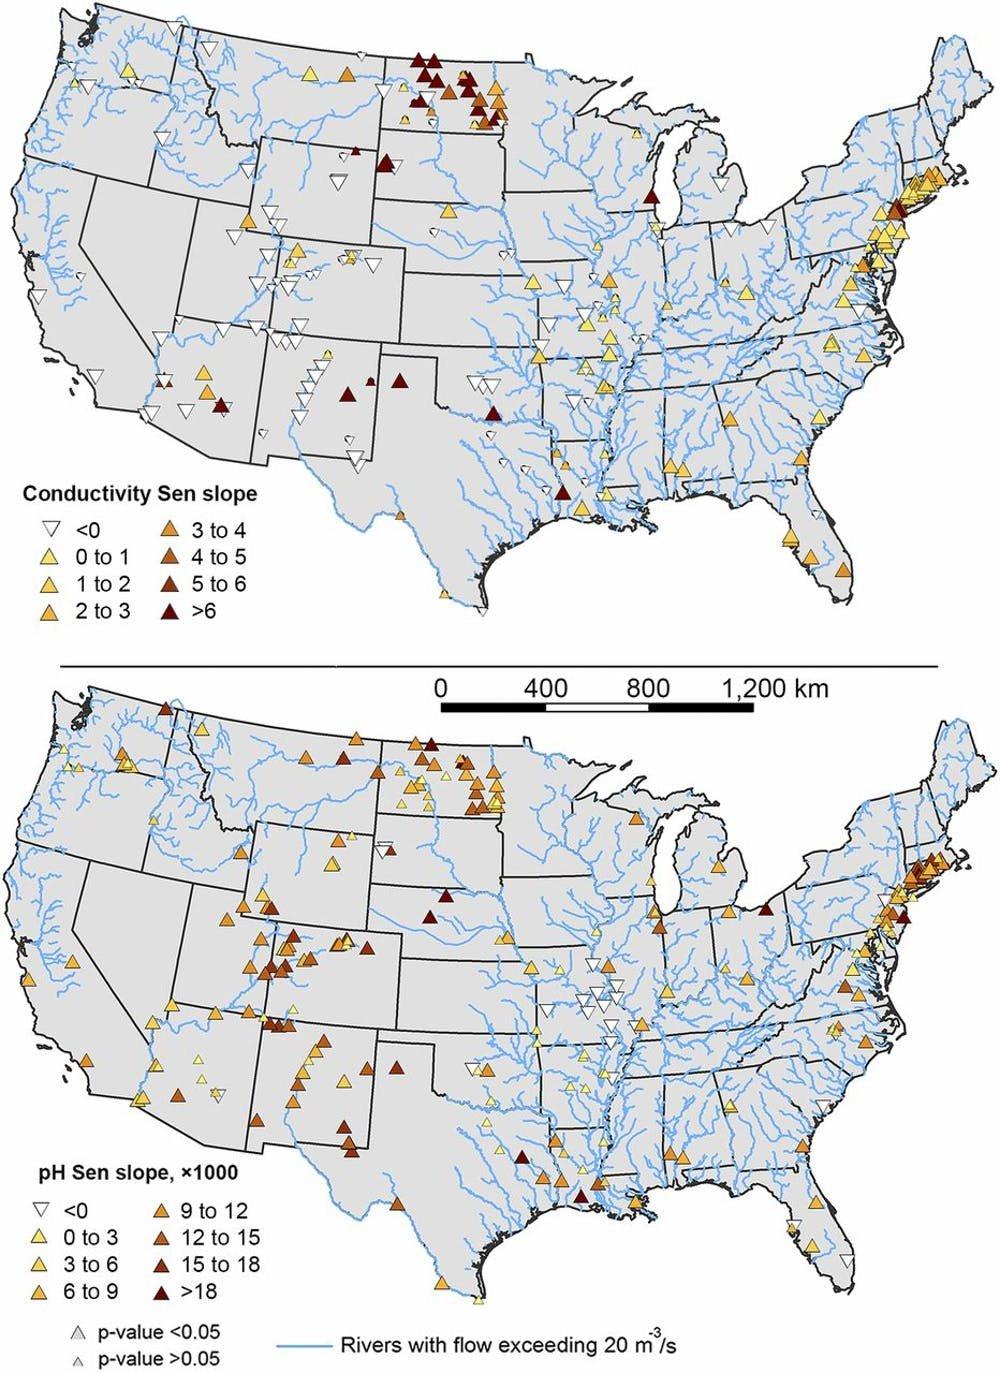 Места роста, снижения и / или отсутствия тенденции к удельной проводимости и рН в пресной воде в континентальной части Соединенных Штатов. Высокая электропроводность указывает на соленость, поскольку соленые растворы полны заряженных частиц, которые проводят электричество